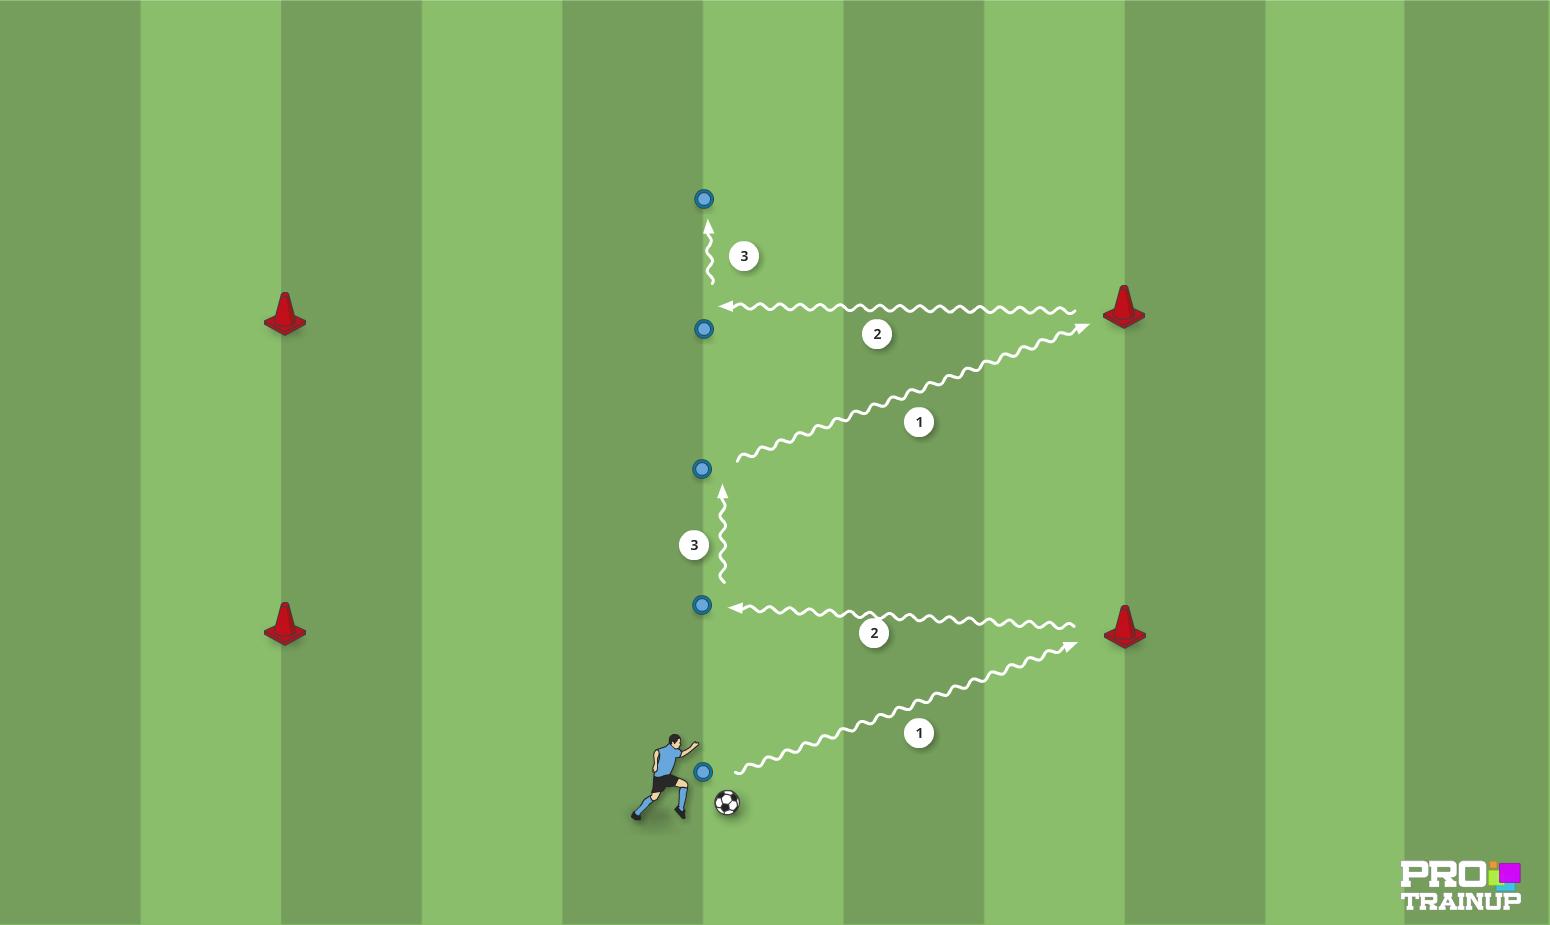 Zadaniowe prowadzenie piłki 2